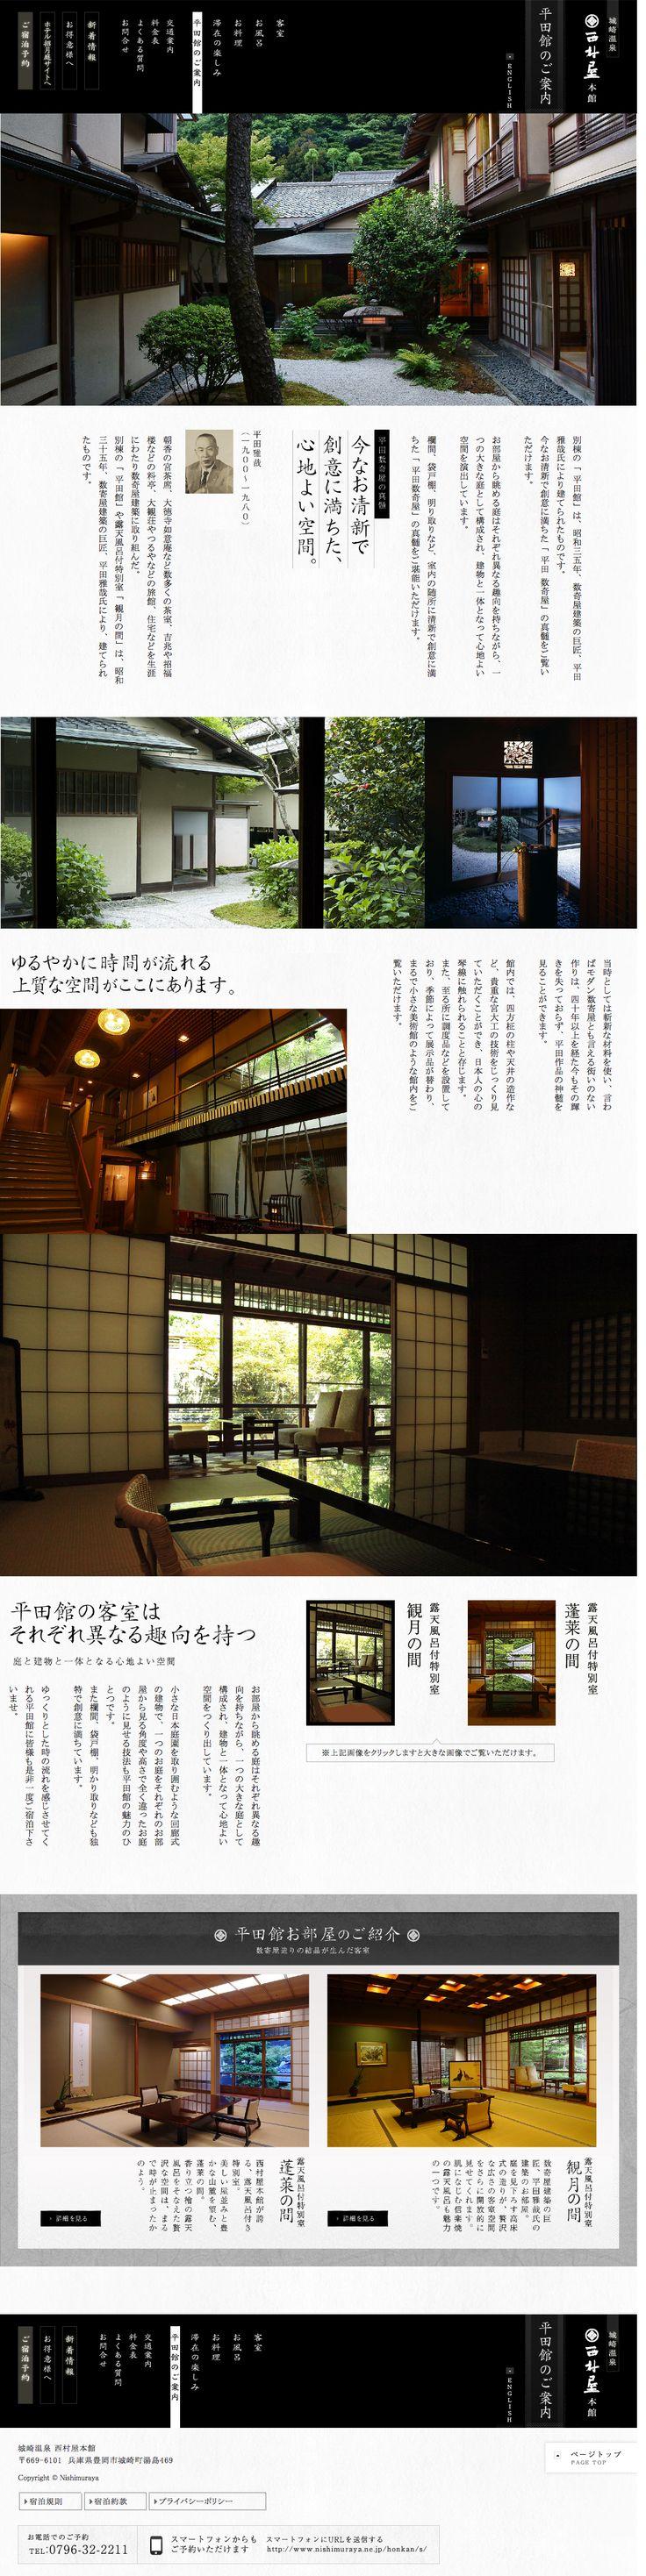 平田館のご案内  城崎温泉 旅館 西村屋本館  公式ホームページ